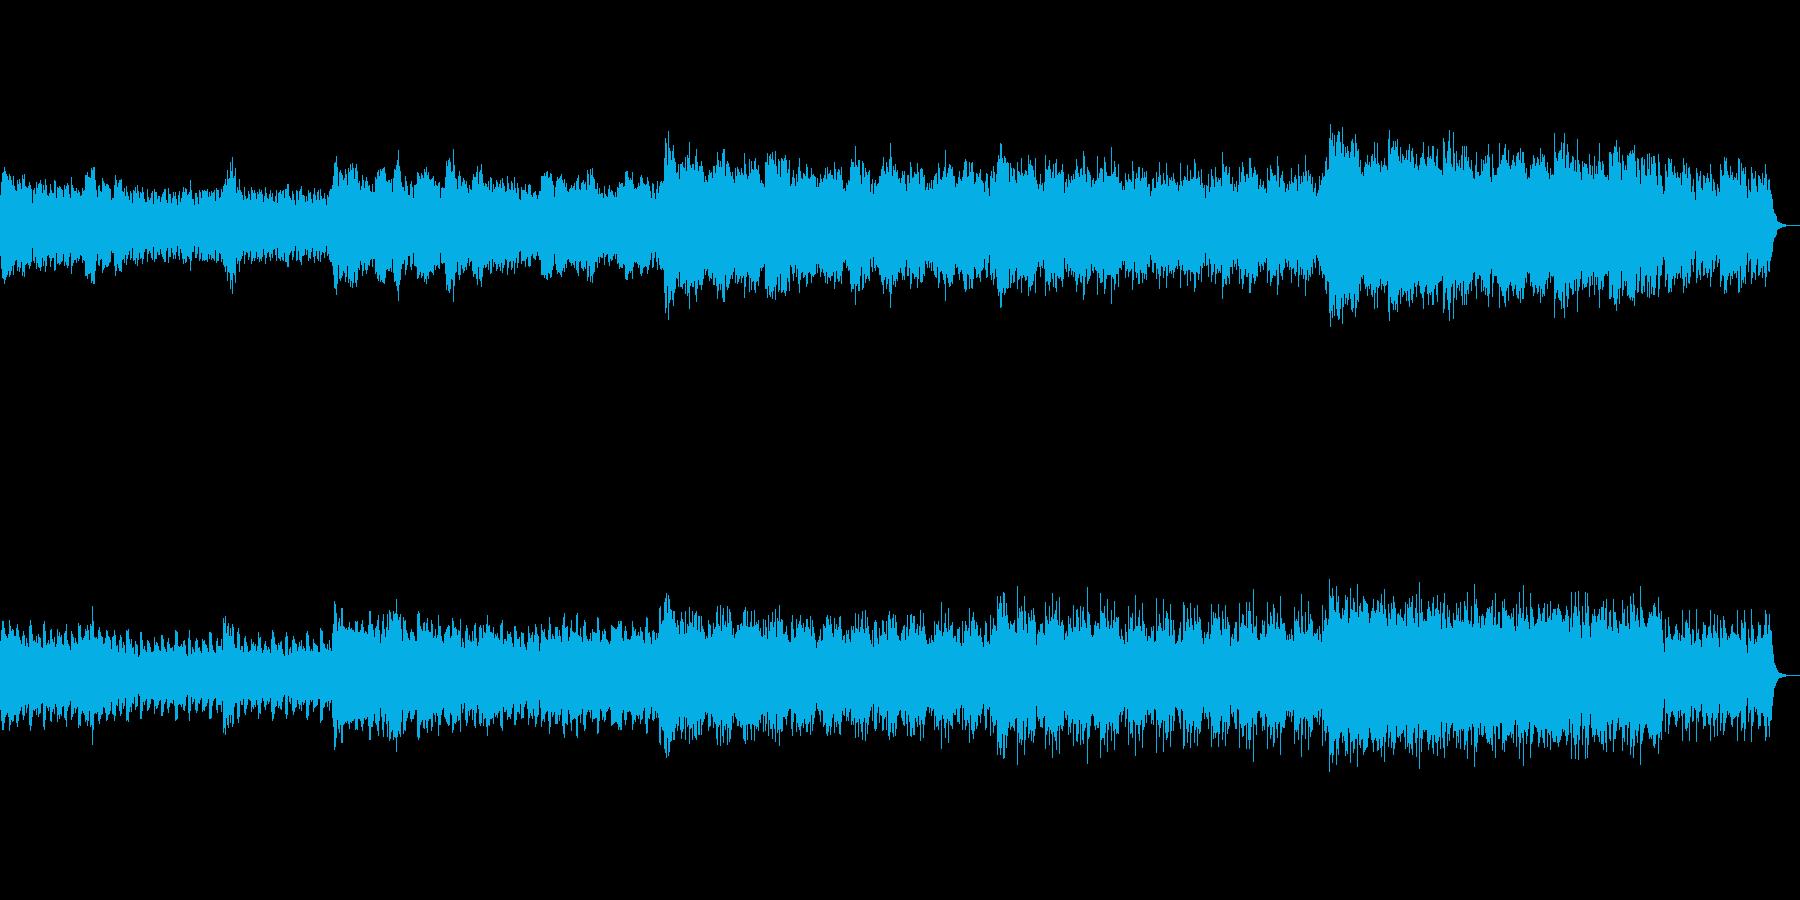 夏のお盆をイメージした幻想的なBGMの再生済みの波形